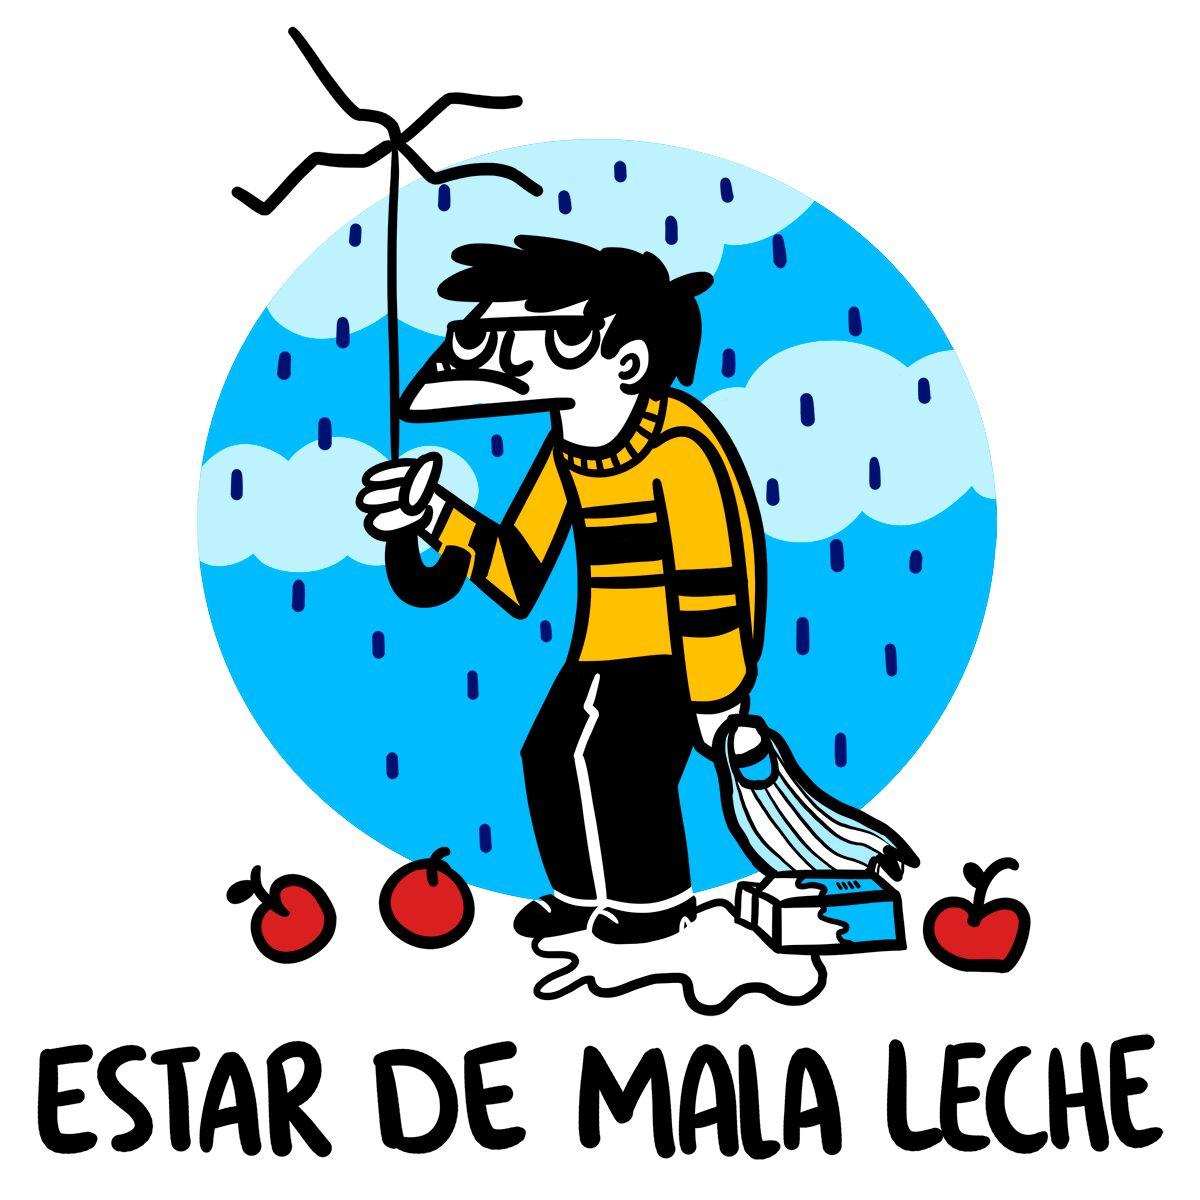 palavras engraçadas em espanhol mala leche